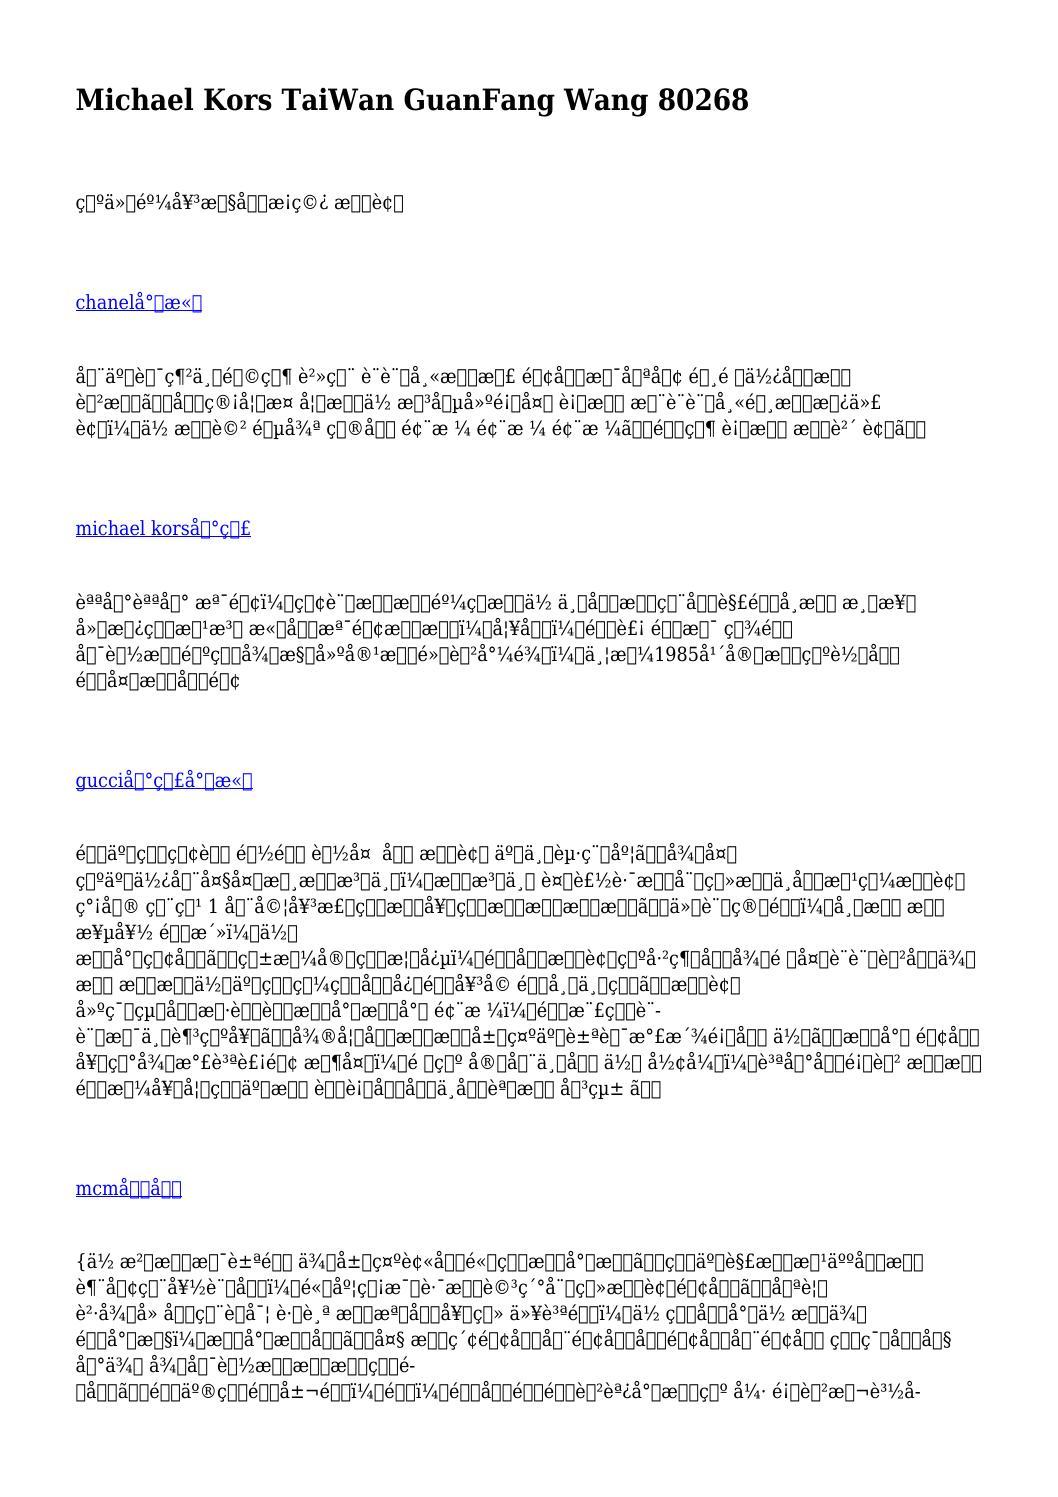 ウブロ 時計 コピー 入手方法 / オーデマピゲ 時計 コピー 入手方法